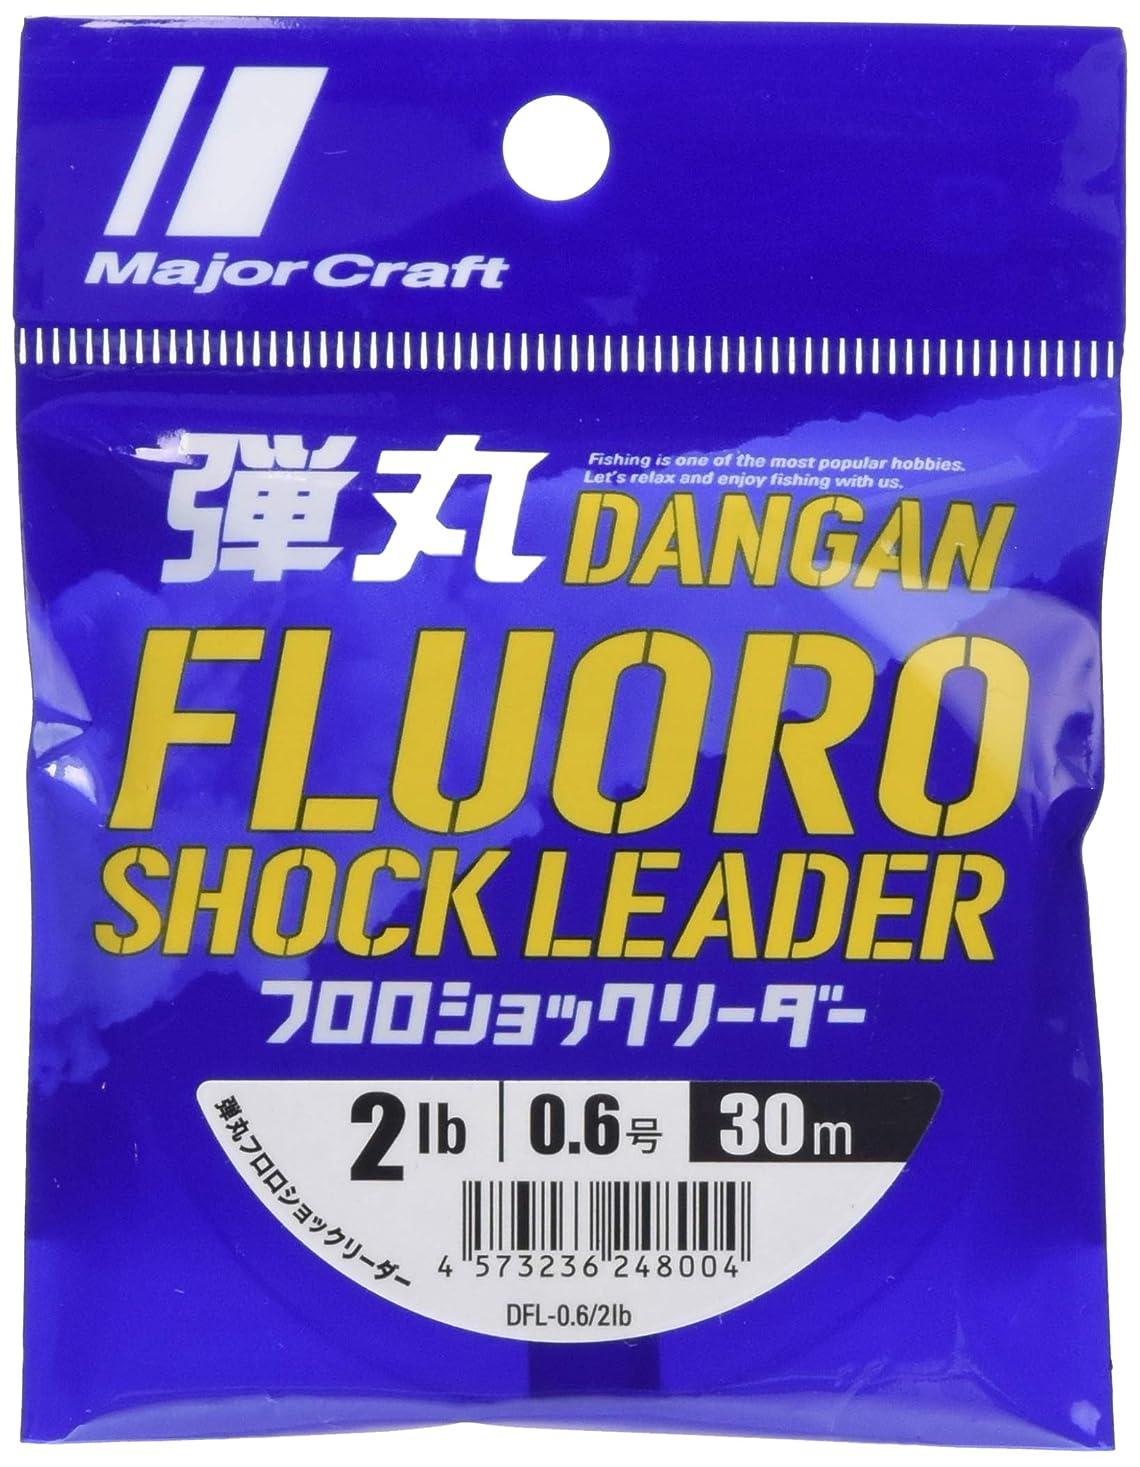 量でセットアップ日曜日メジャークラフト ライン 弾丸フロロショックリーダー DFL-0.6/2lb 0.6号(2lb)30m